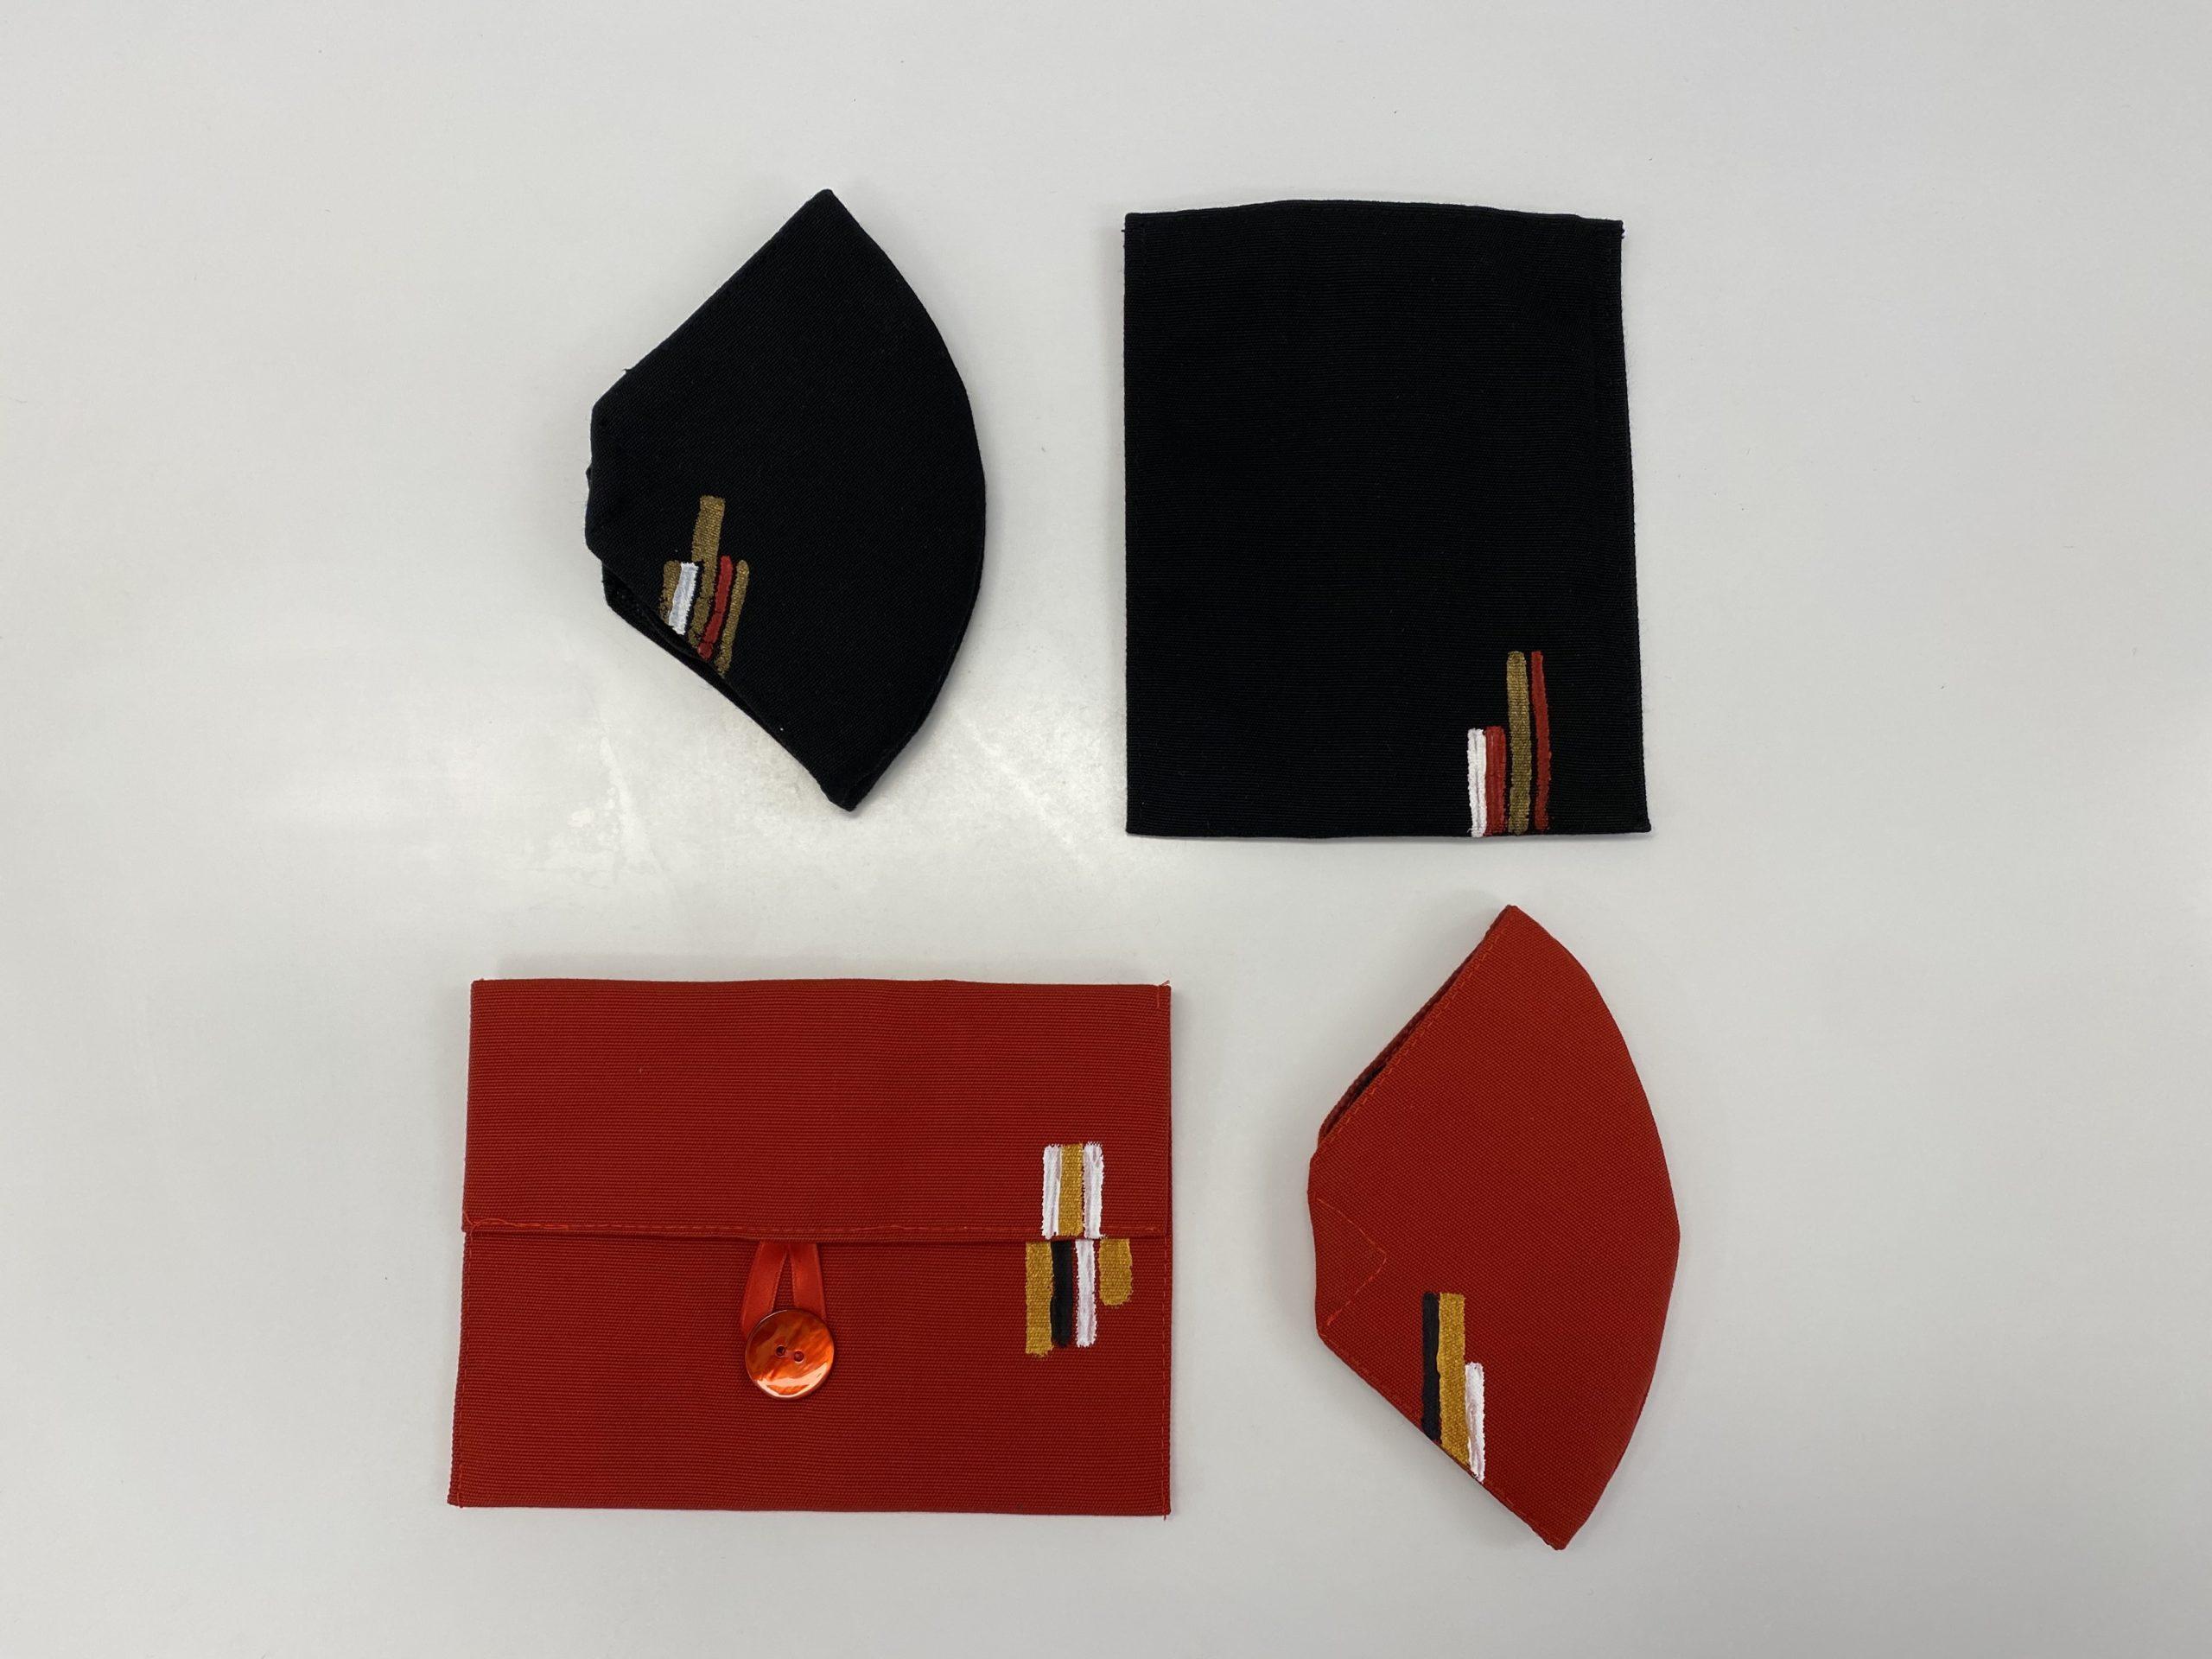 Mascherine LUBEA/SU GOLOGONE <br> Ideas of Gifts 2021